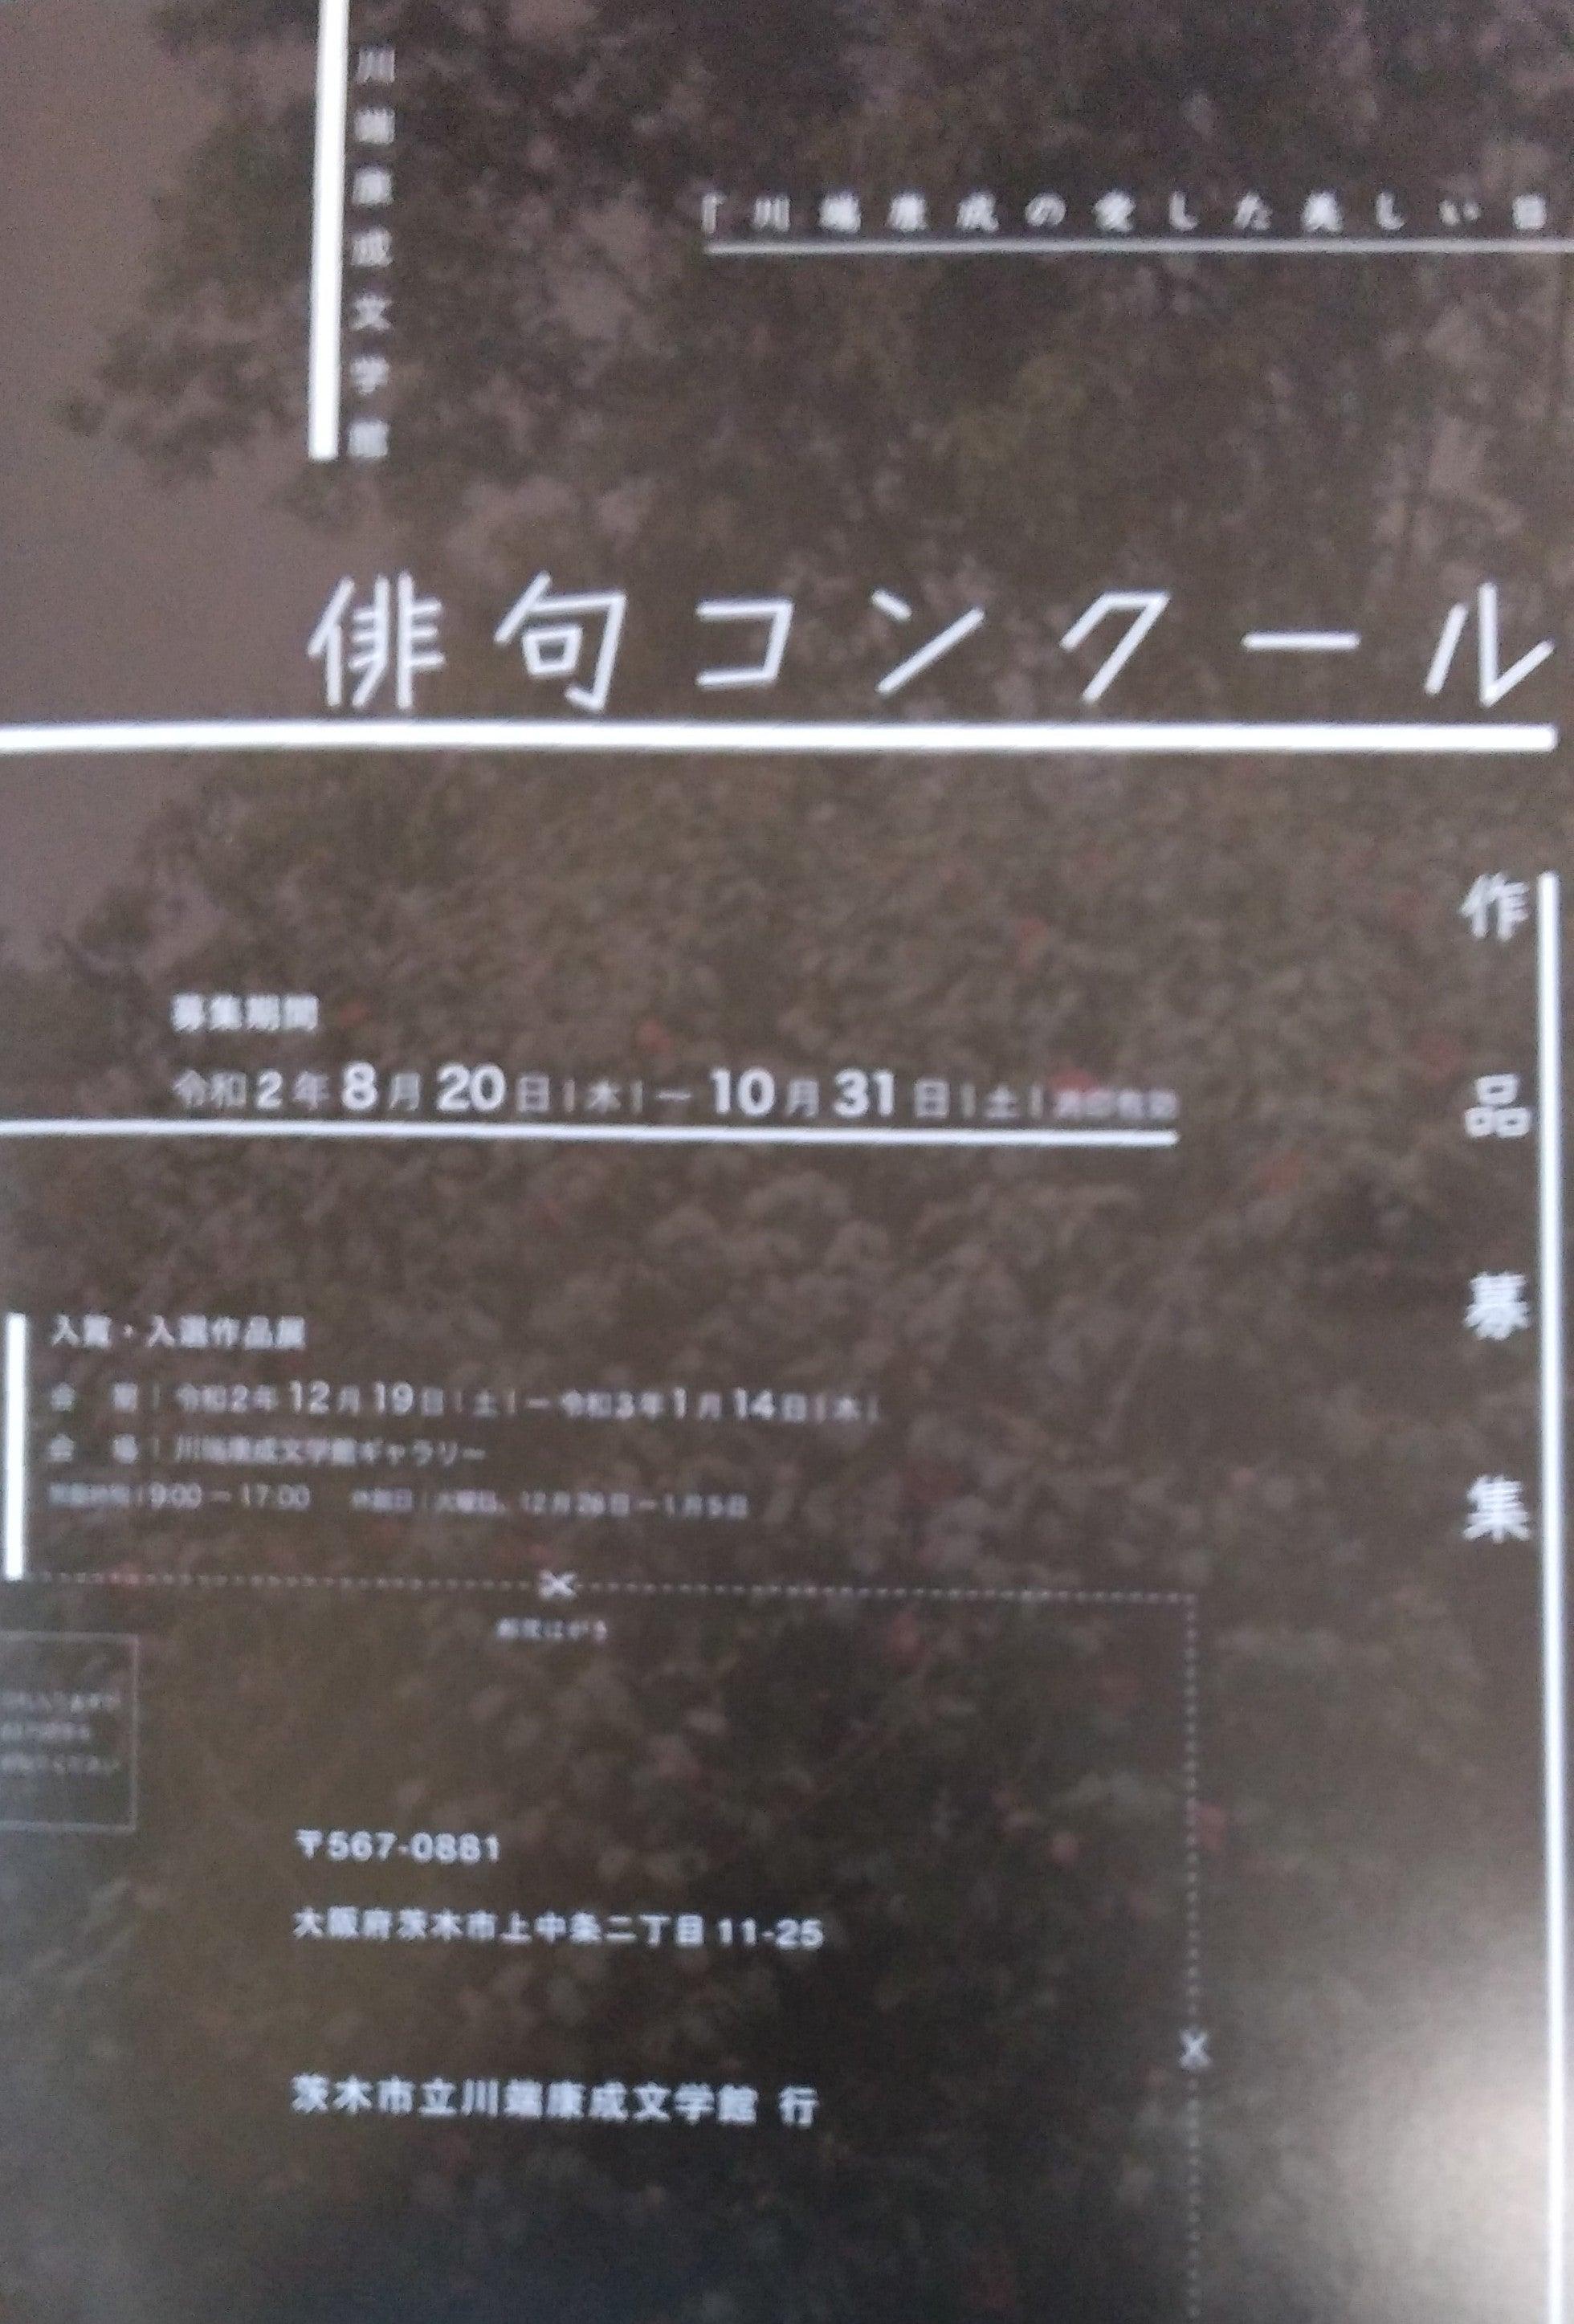 茨木 市立 川端 康成 記念 館